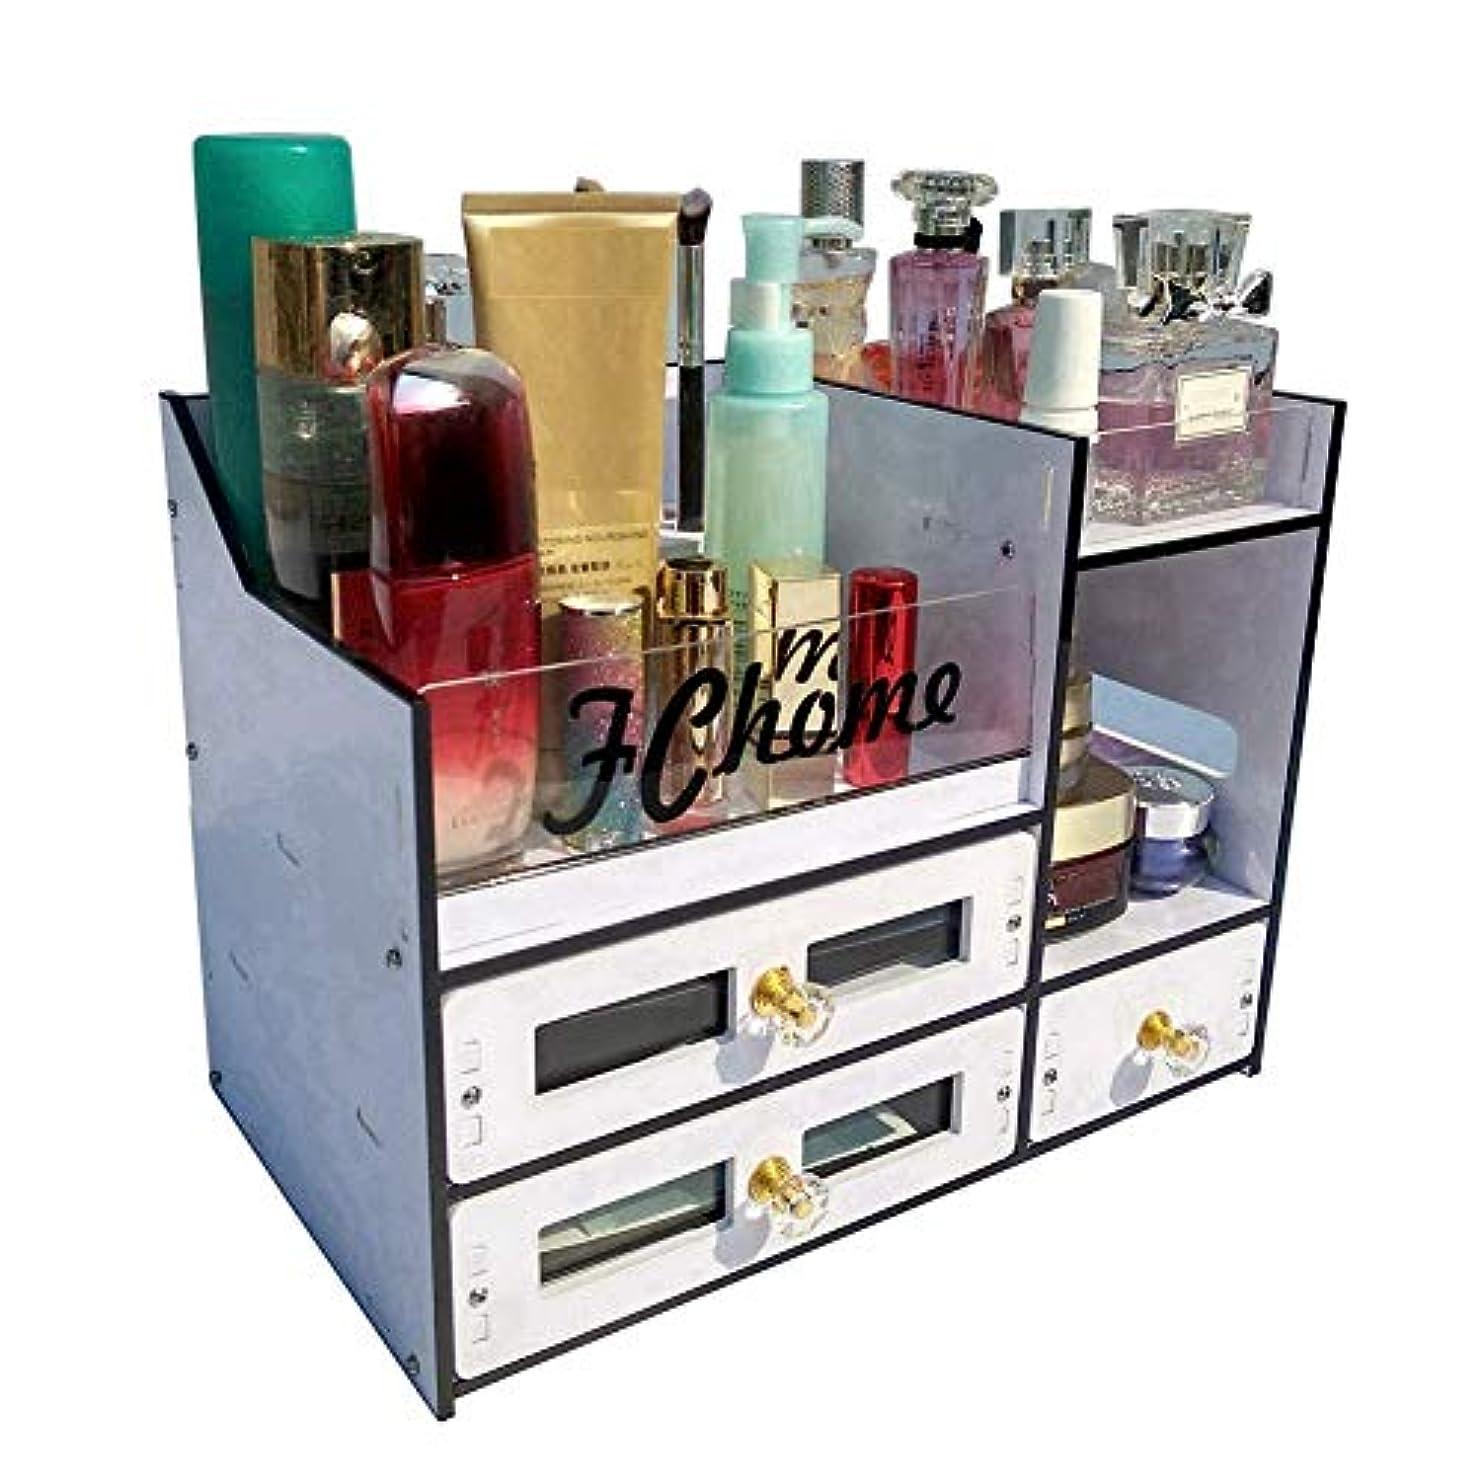 アッティカス施し貼り直すFChome化粧品収納ボックス引き出しアクリルPVCジュエリー化粧品収納ラック大容量化粧収納ボックスセット、黒